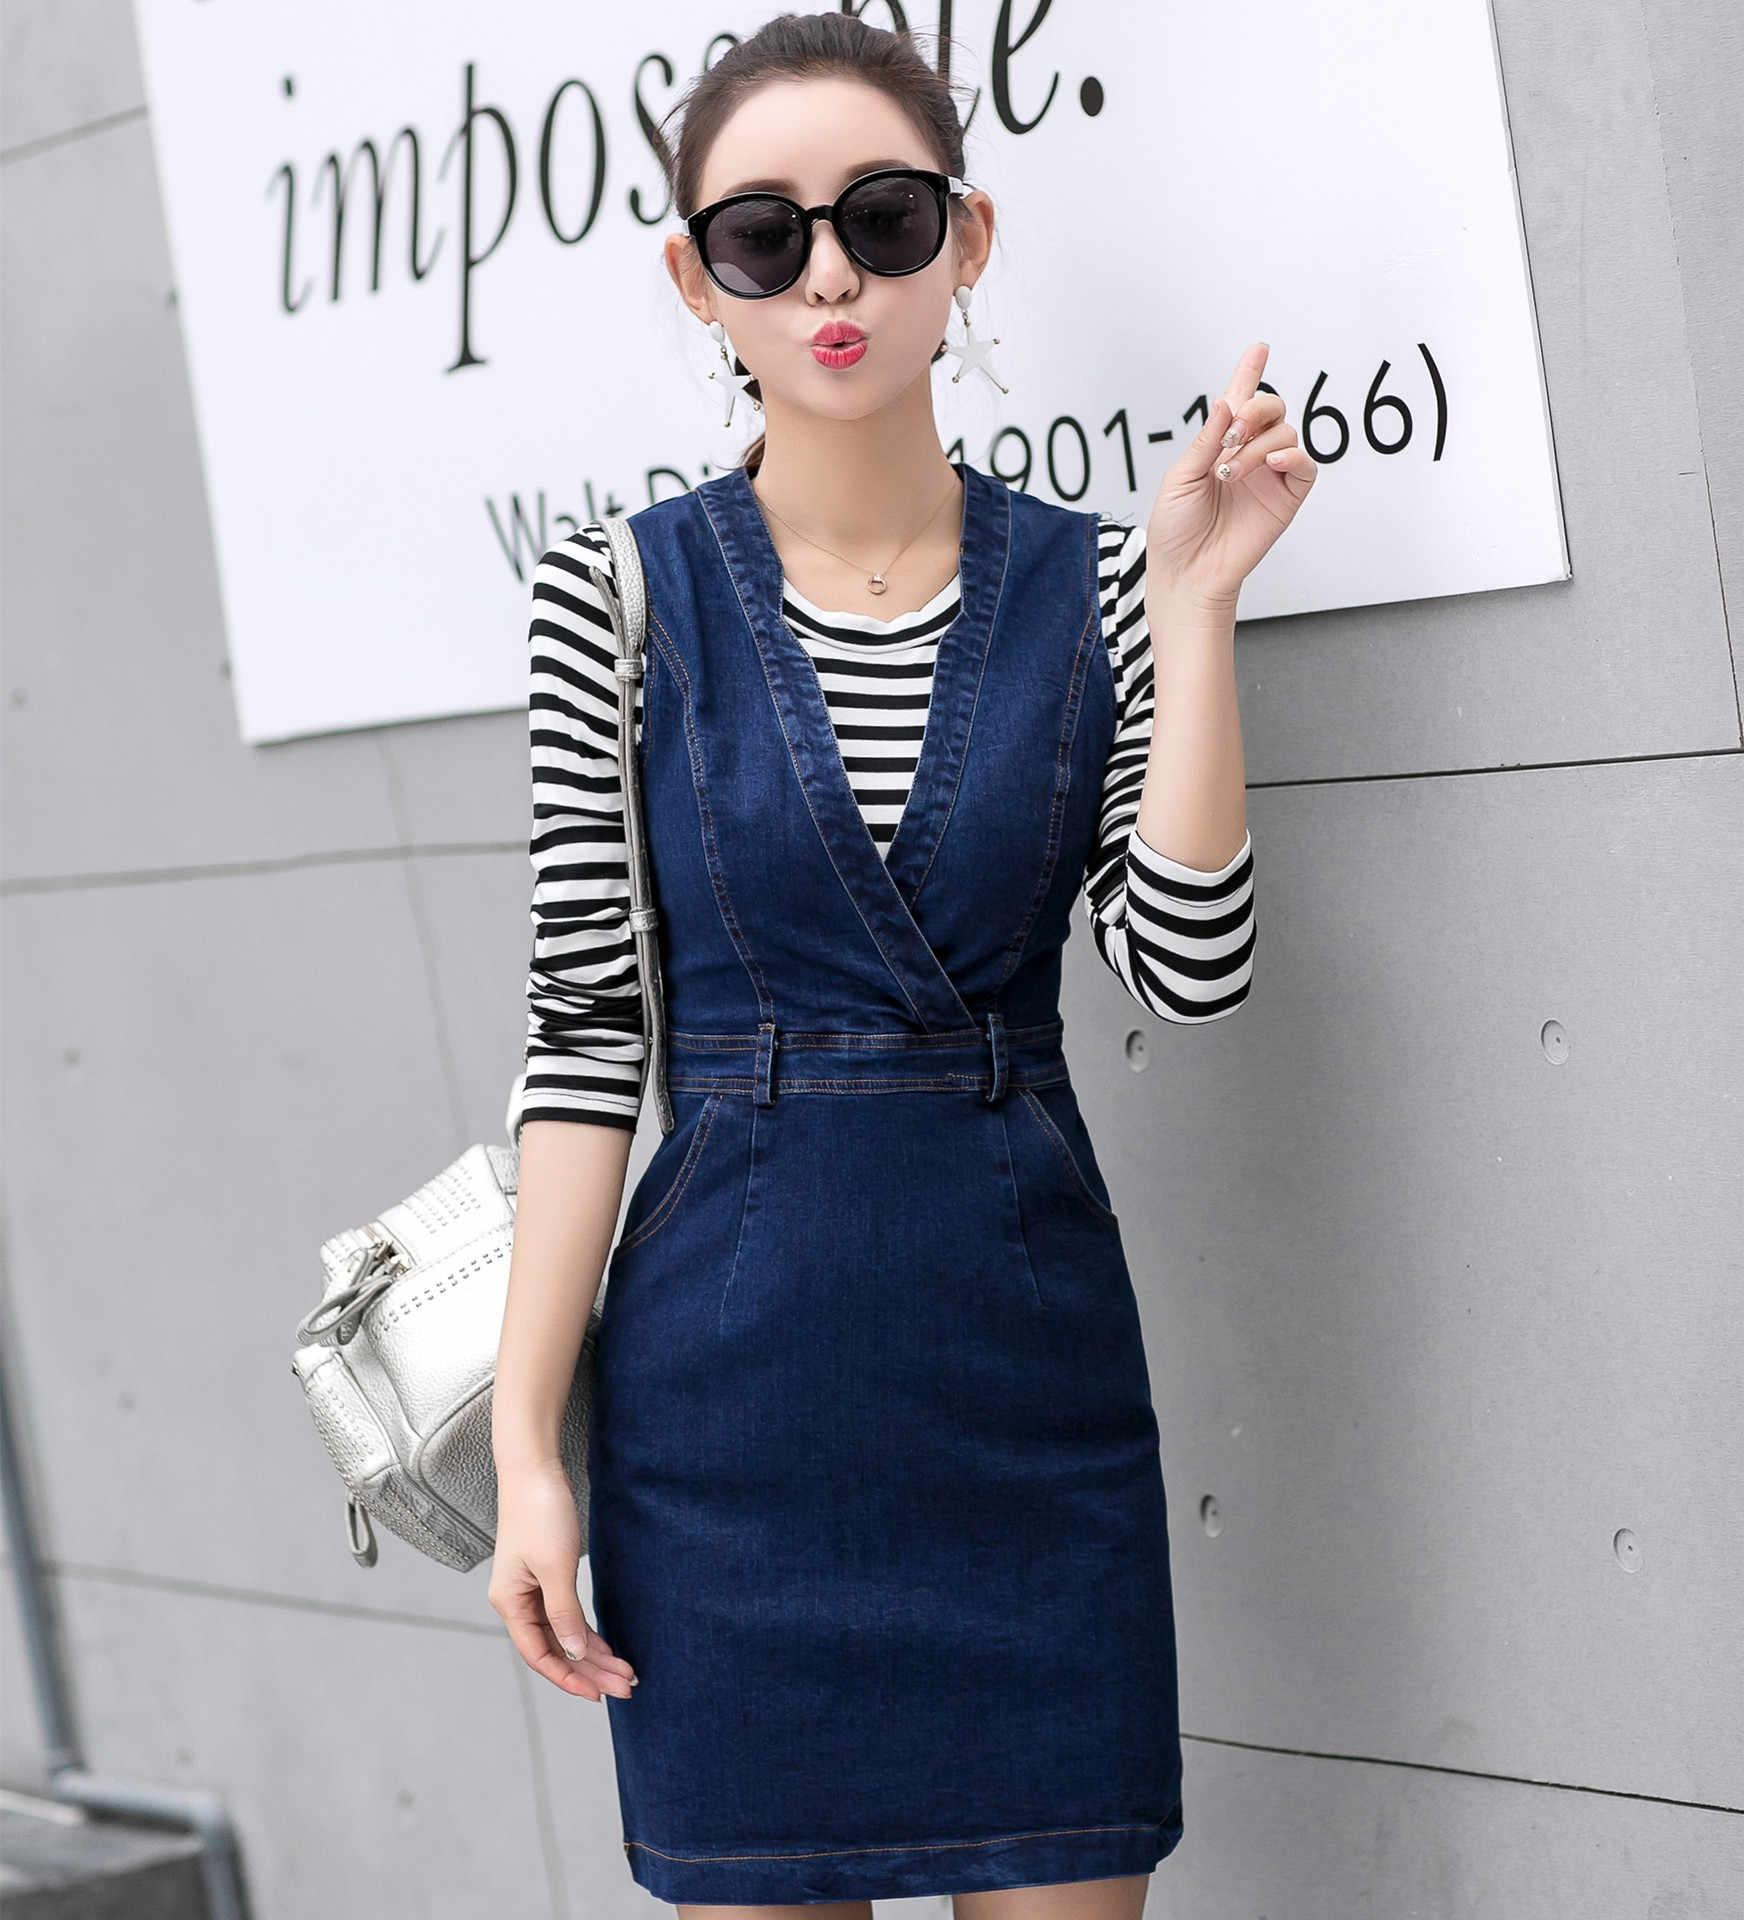 Женский Корейский Осенний тонкий жилет джинсовое платье для женщин из двух частей полосатая футболка джинсовое платье набор офисный элегантный Sukienka